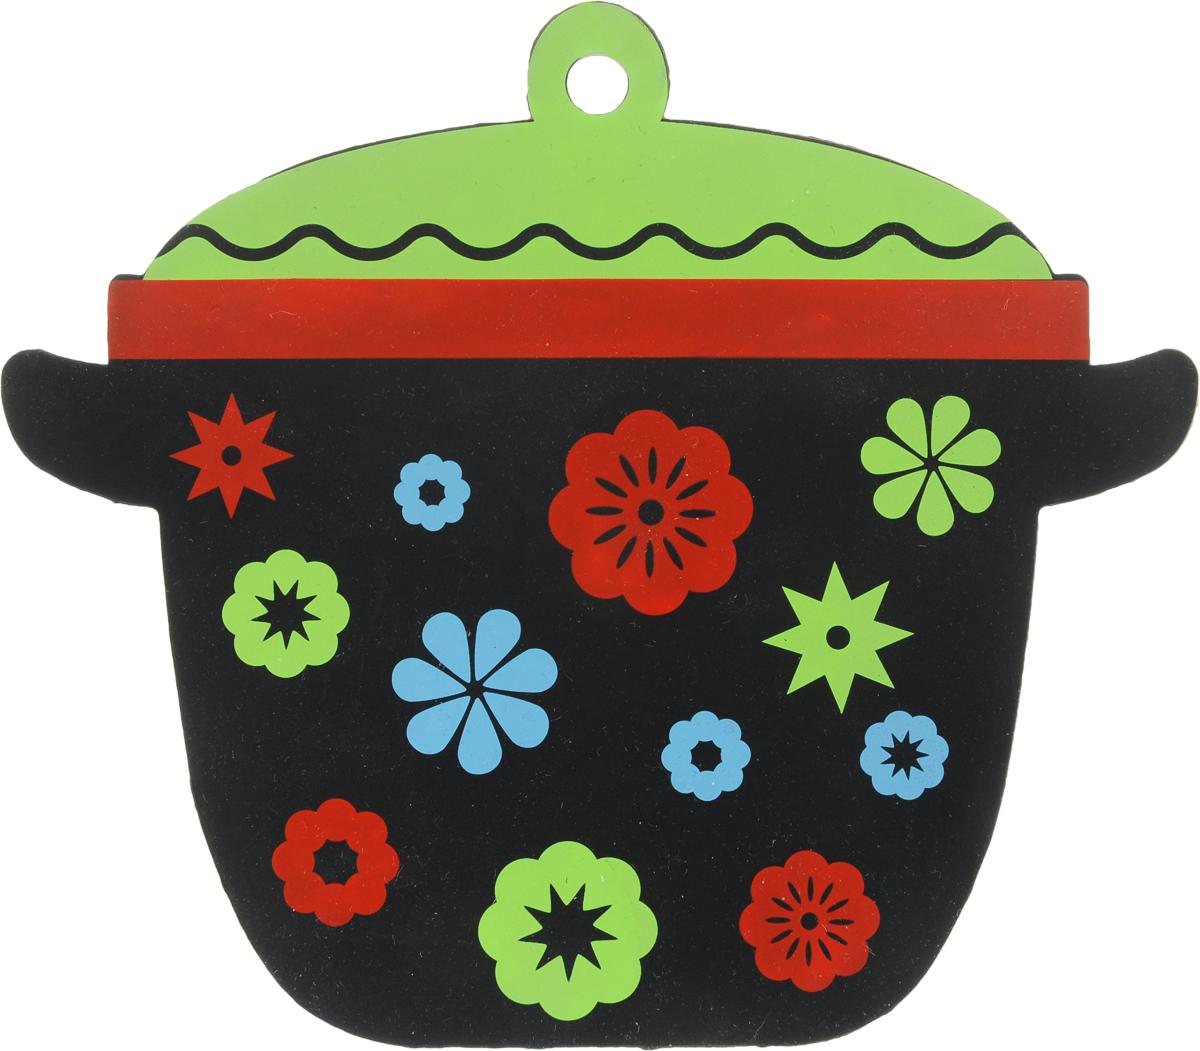 Подставка термостойкая Marmiton Кастрюлька, силиконовая, цвет: зеленый, черный, 19 х 16,5 см салфетка для сервировки стола marmiton термостойкая подставка складная marmiton красный 21 6х21 6х1 см